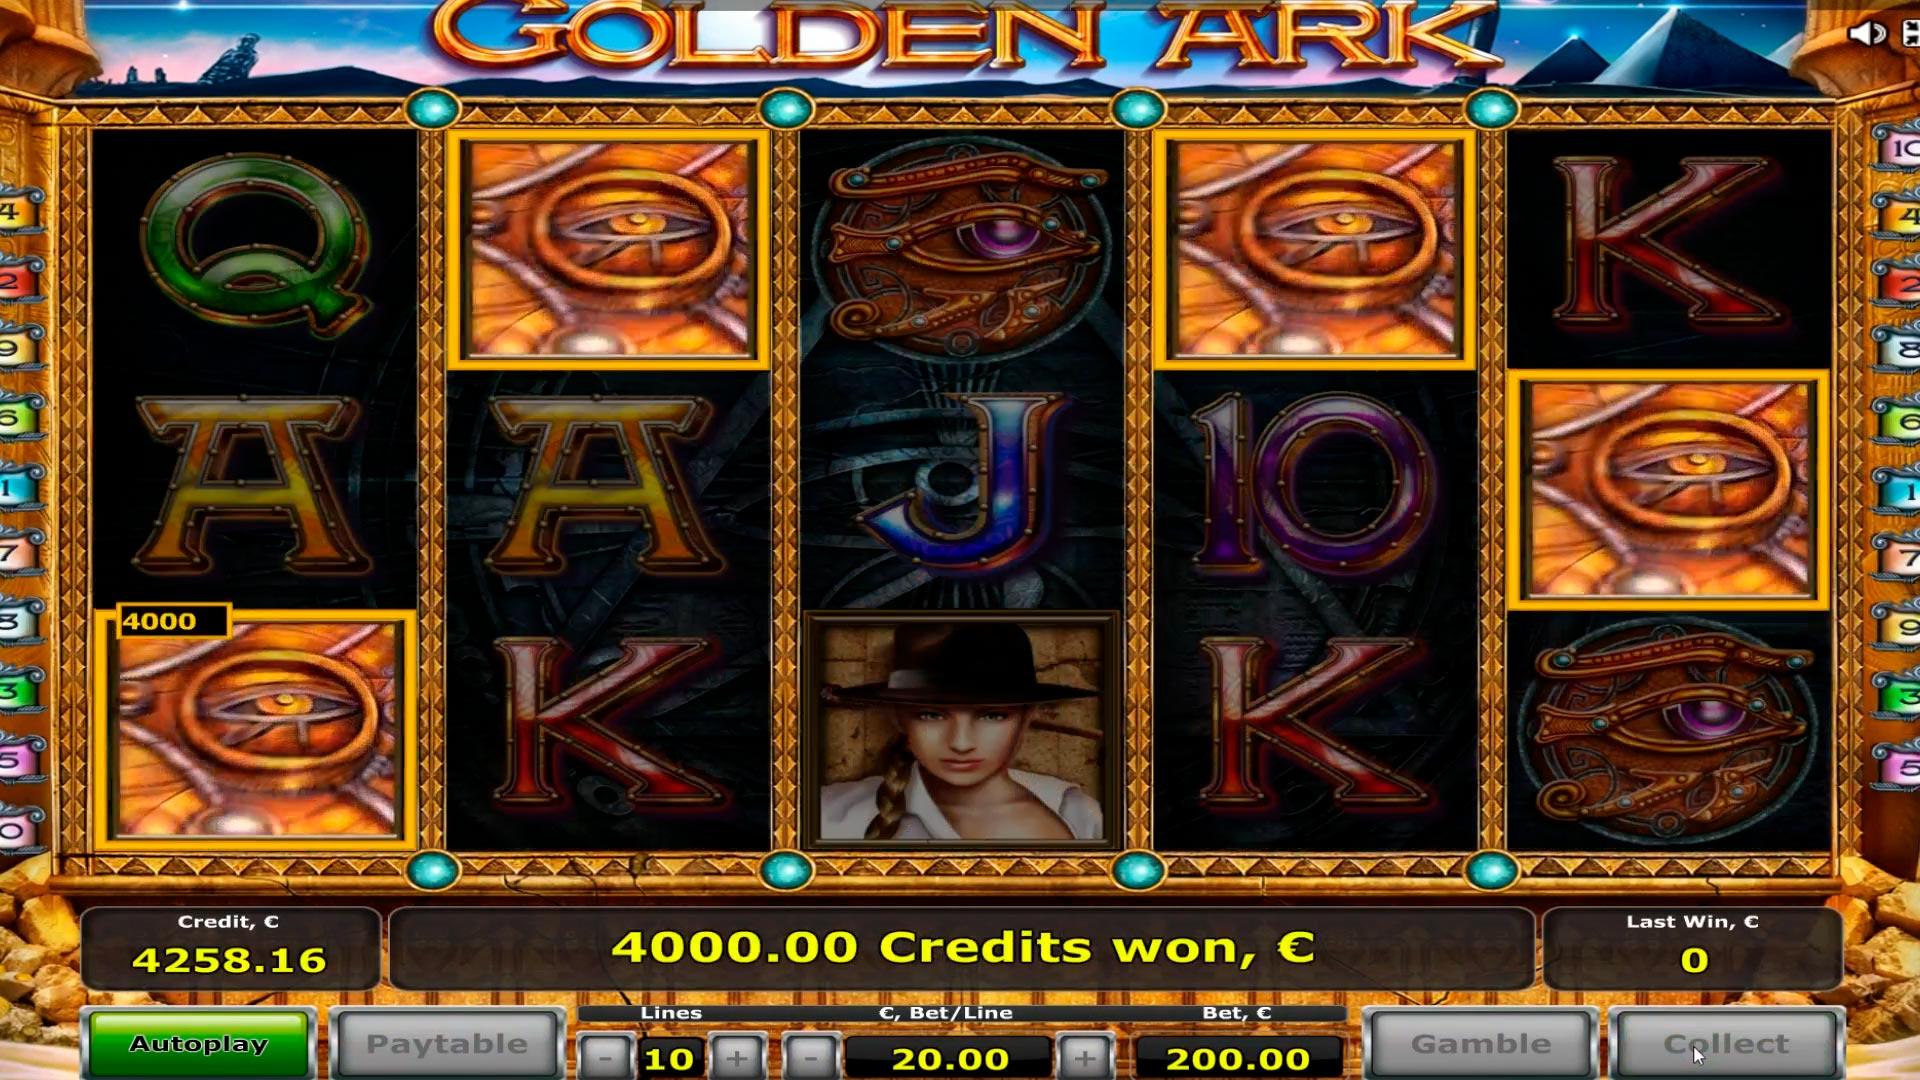 Golden ark casino slot büyük kazanmak € 14.800